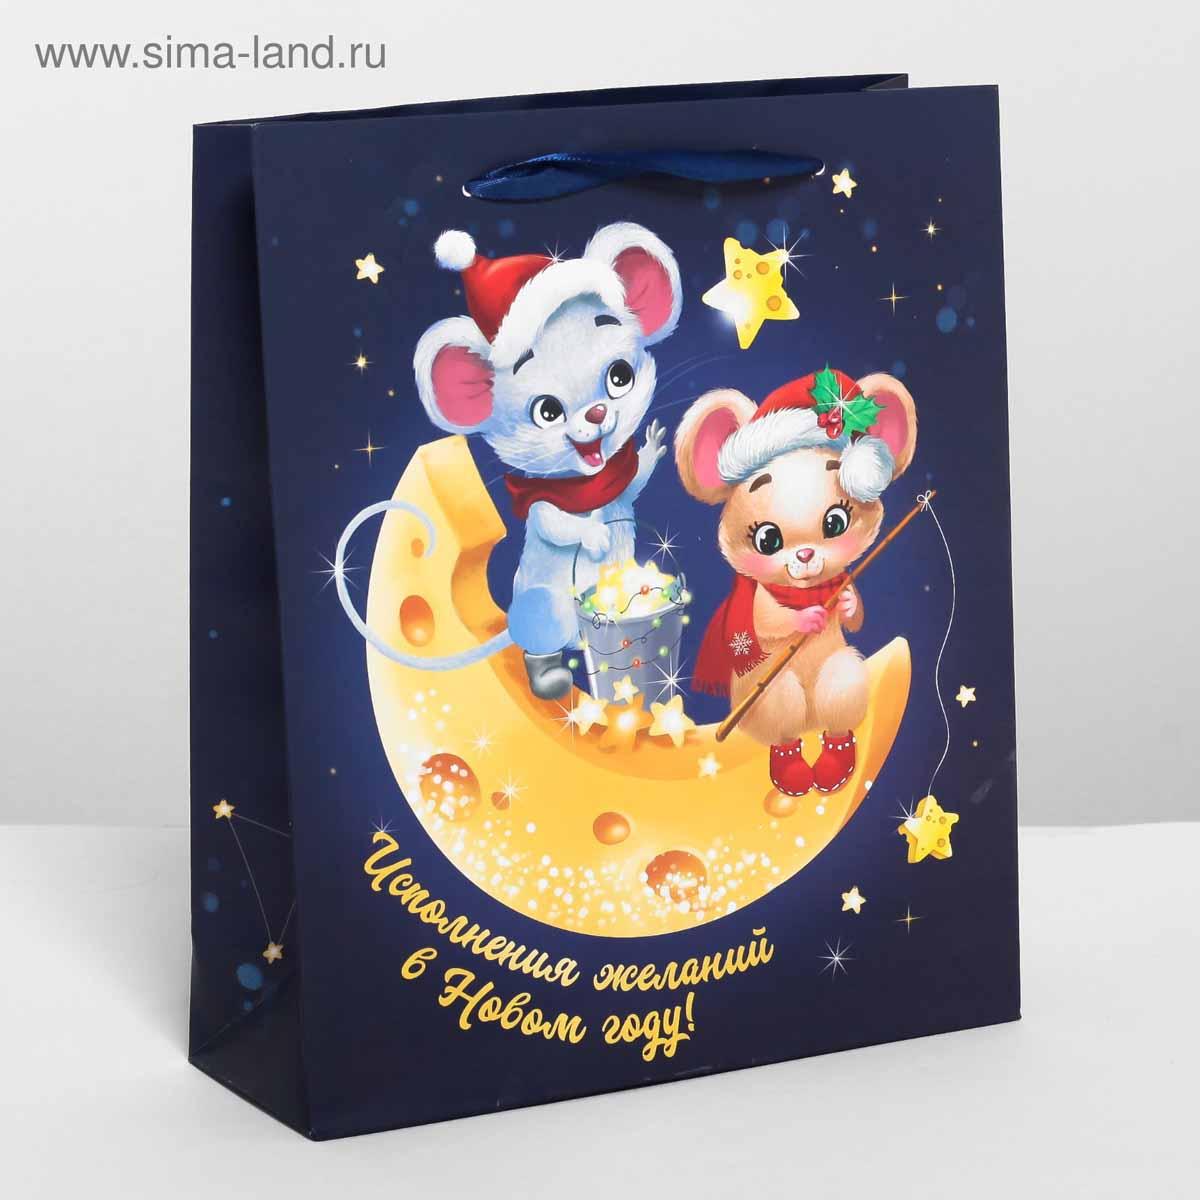 4262219 Пакет ламинированный вертикальный «Мышки на луне», ML 23 * 27*8 см